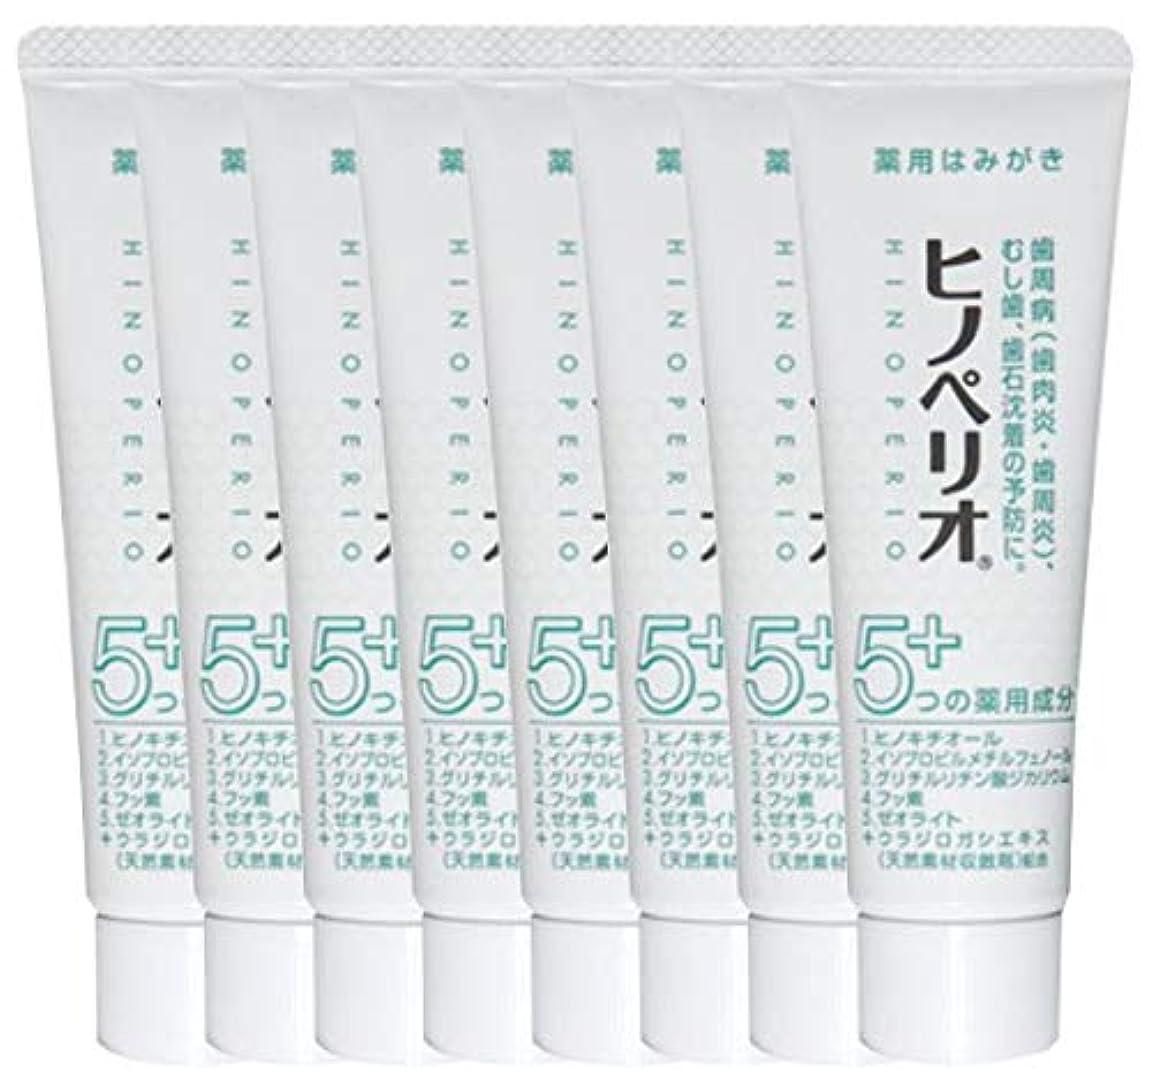 統合する治療あそこ昭和薬品 ヒノペリオ60g 医薬部外品 × 8本